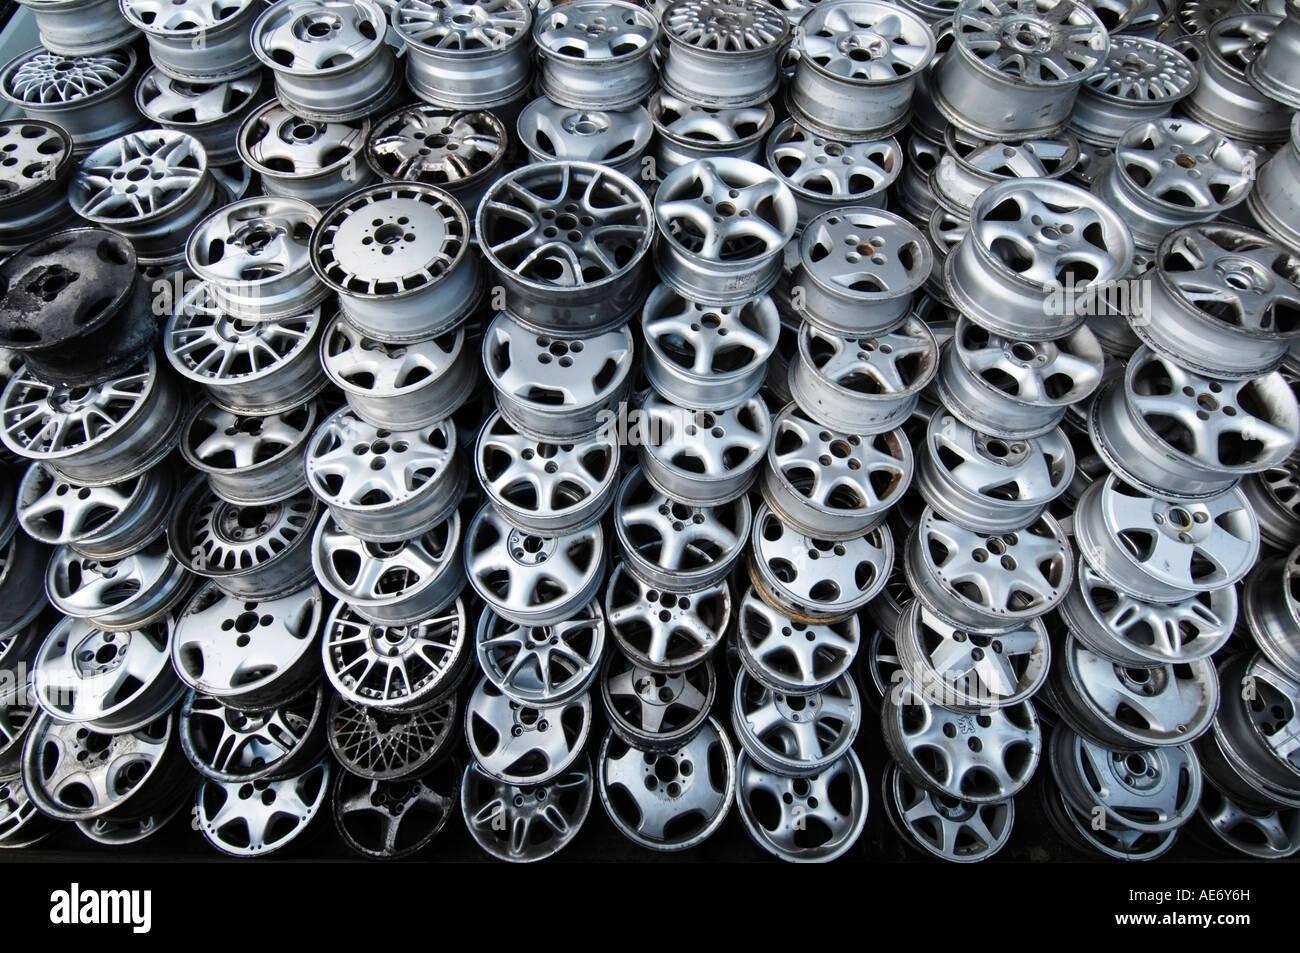 Un mucchio di scartato di seconda mano auto in lega ruote a scrapyard in attesa di riciclaggio Immagini Stock